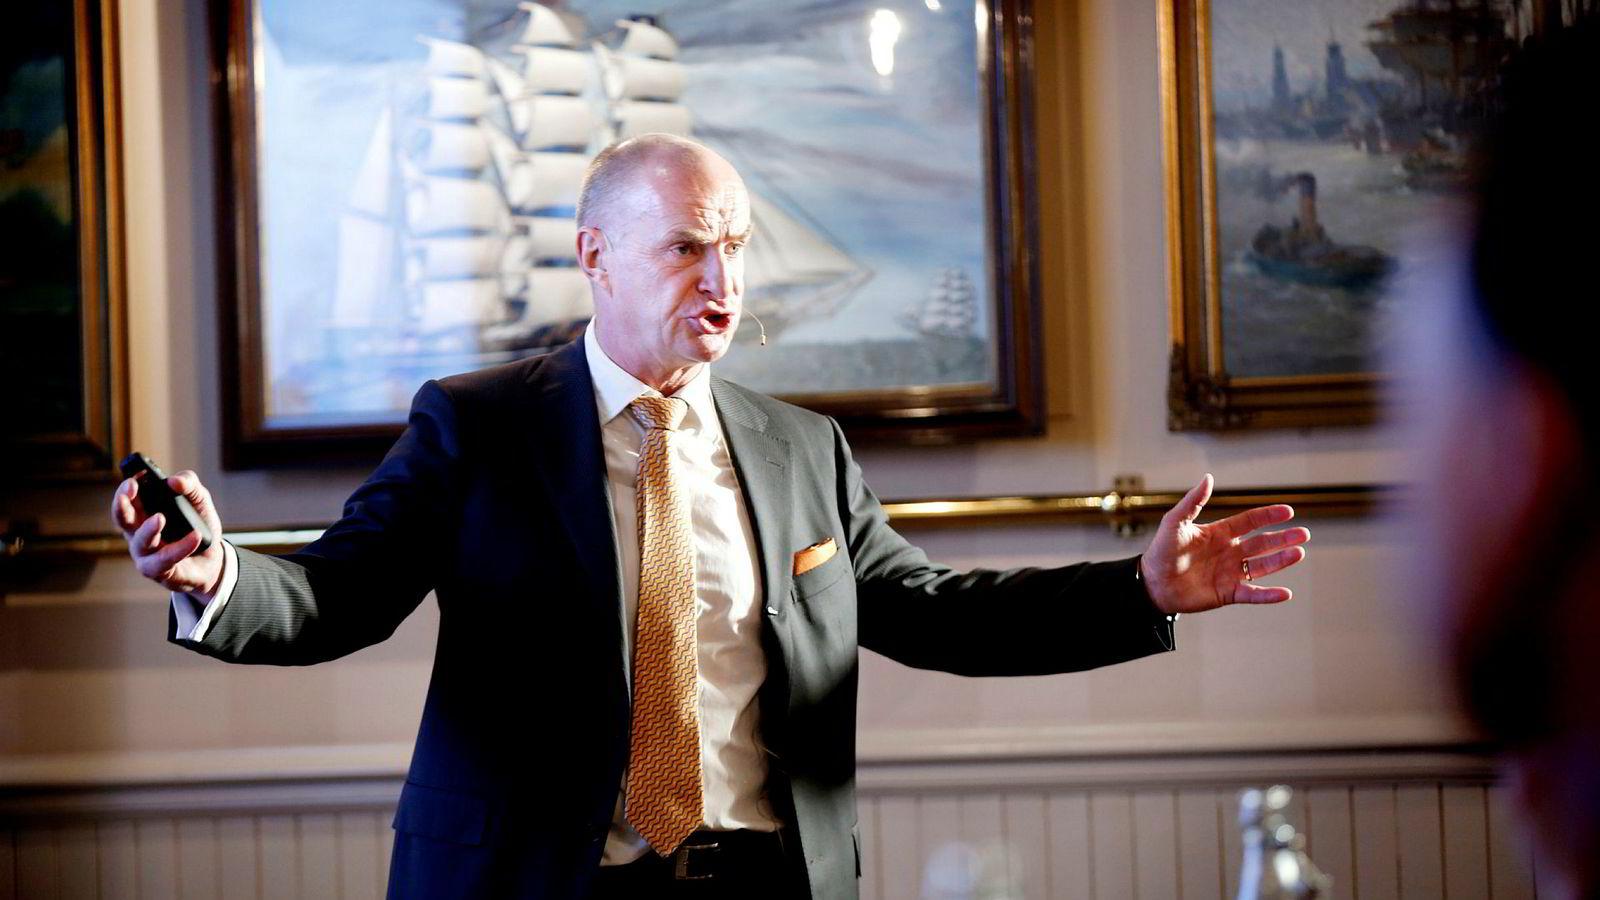 Administrerende direktør Sverre Bjerkeli i Protector Forsikring. Her fra fremleggelse av kvartalstall i 2016.